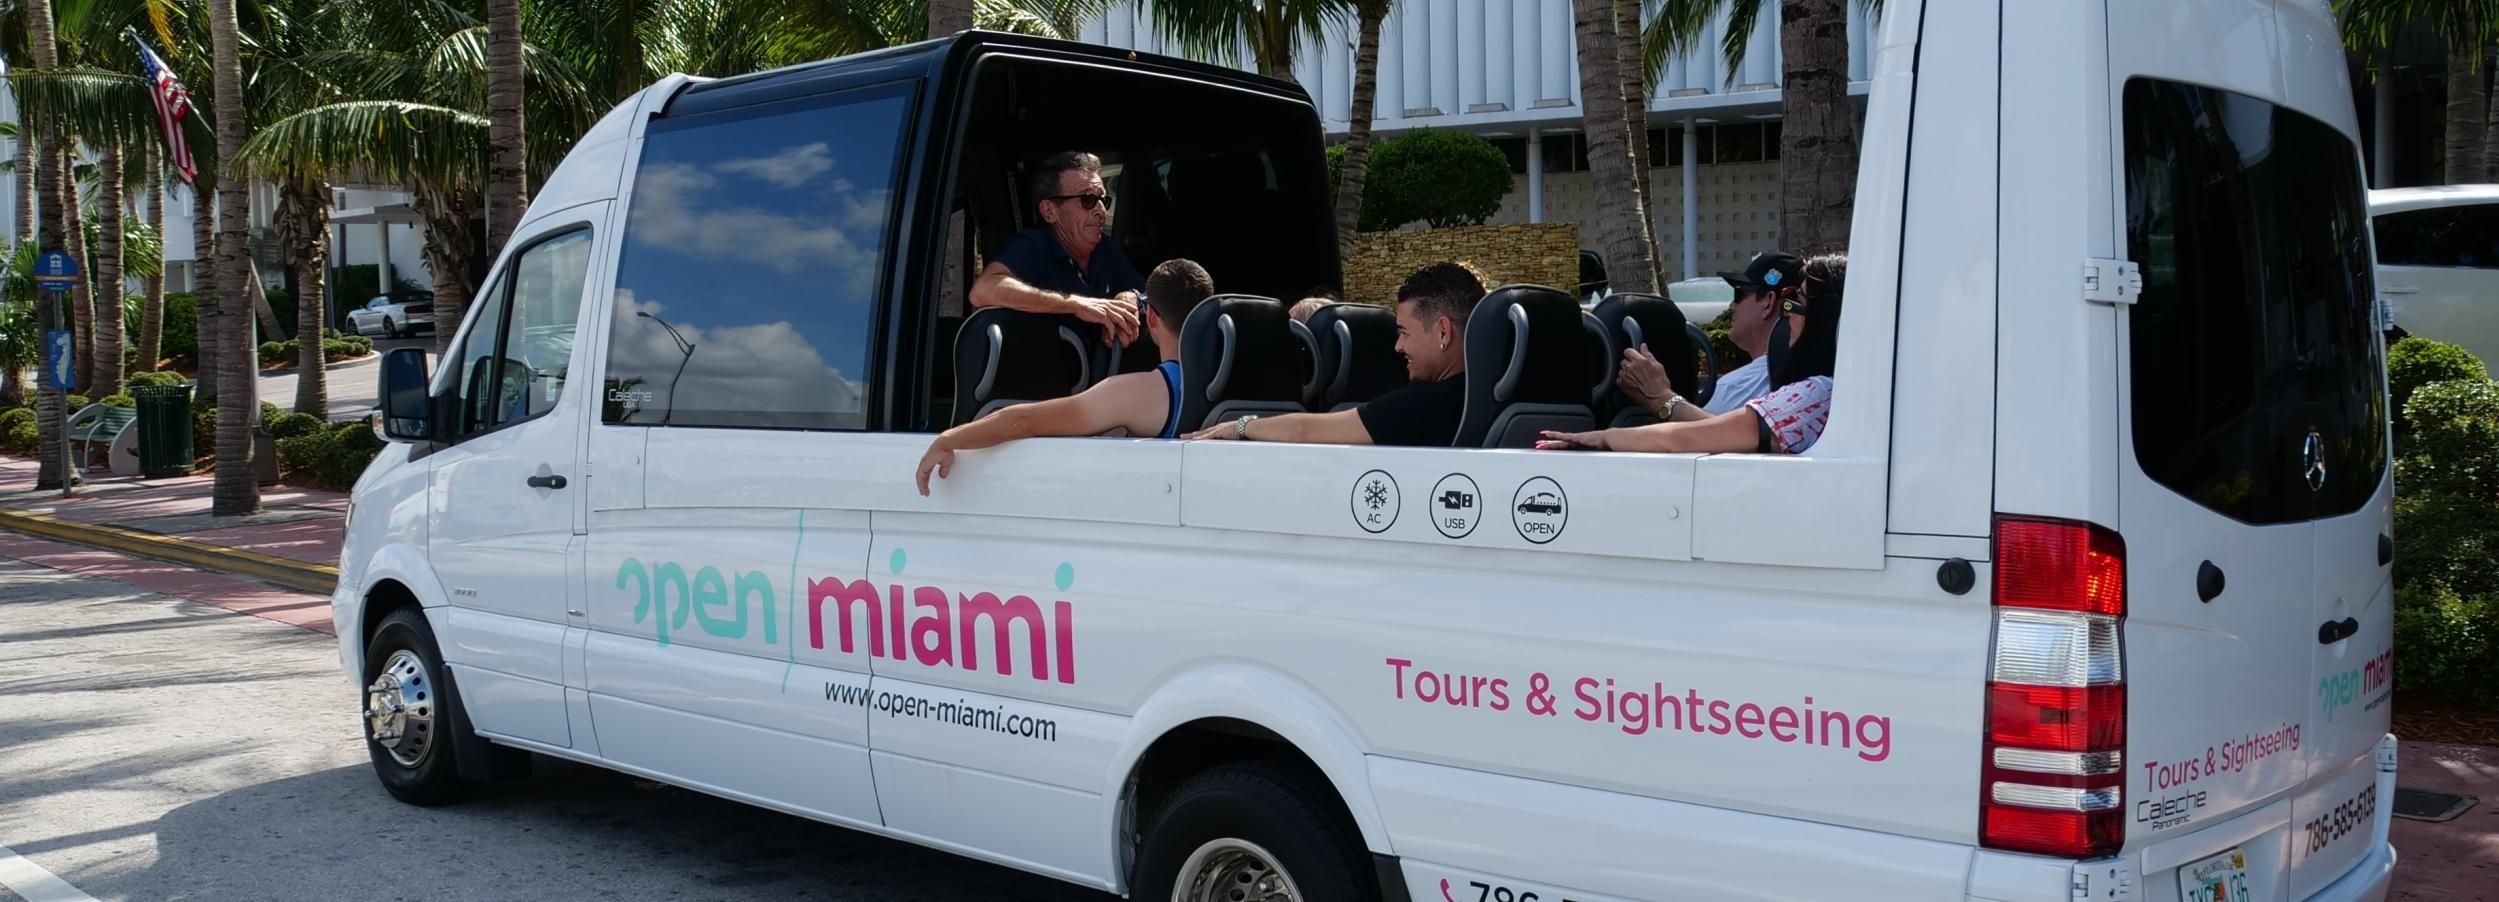 Recorrido turístico por Miami en un autobús descapotable